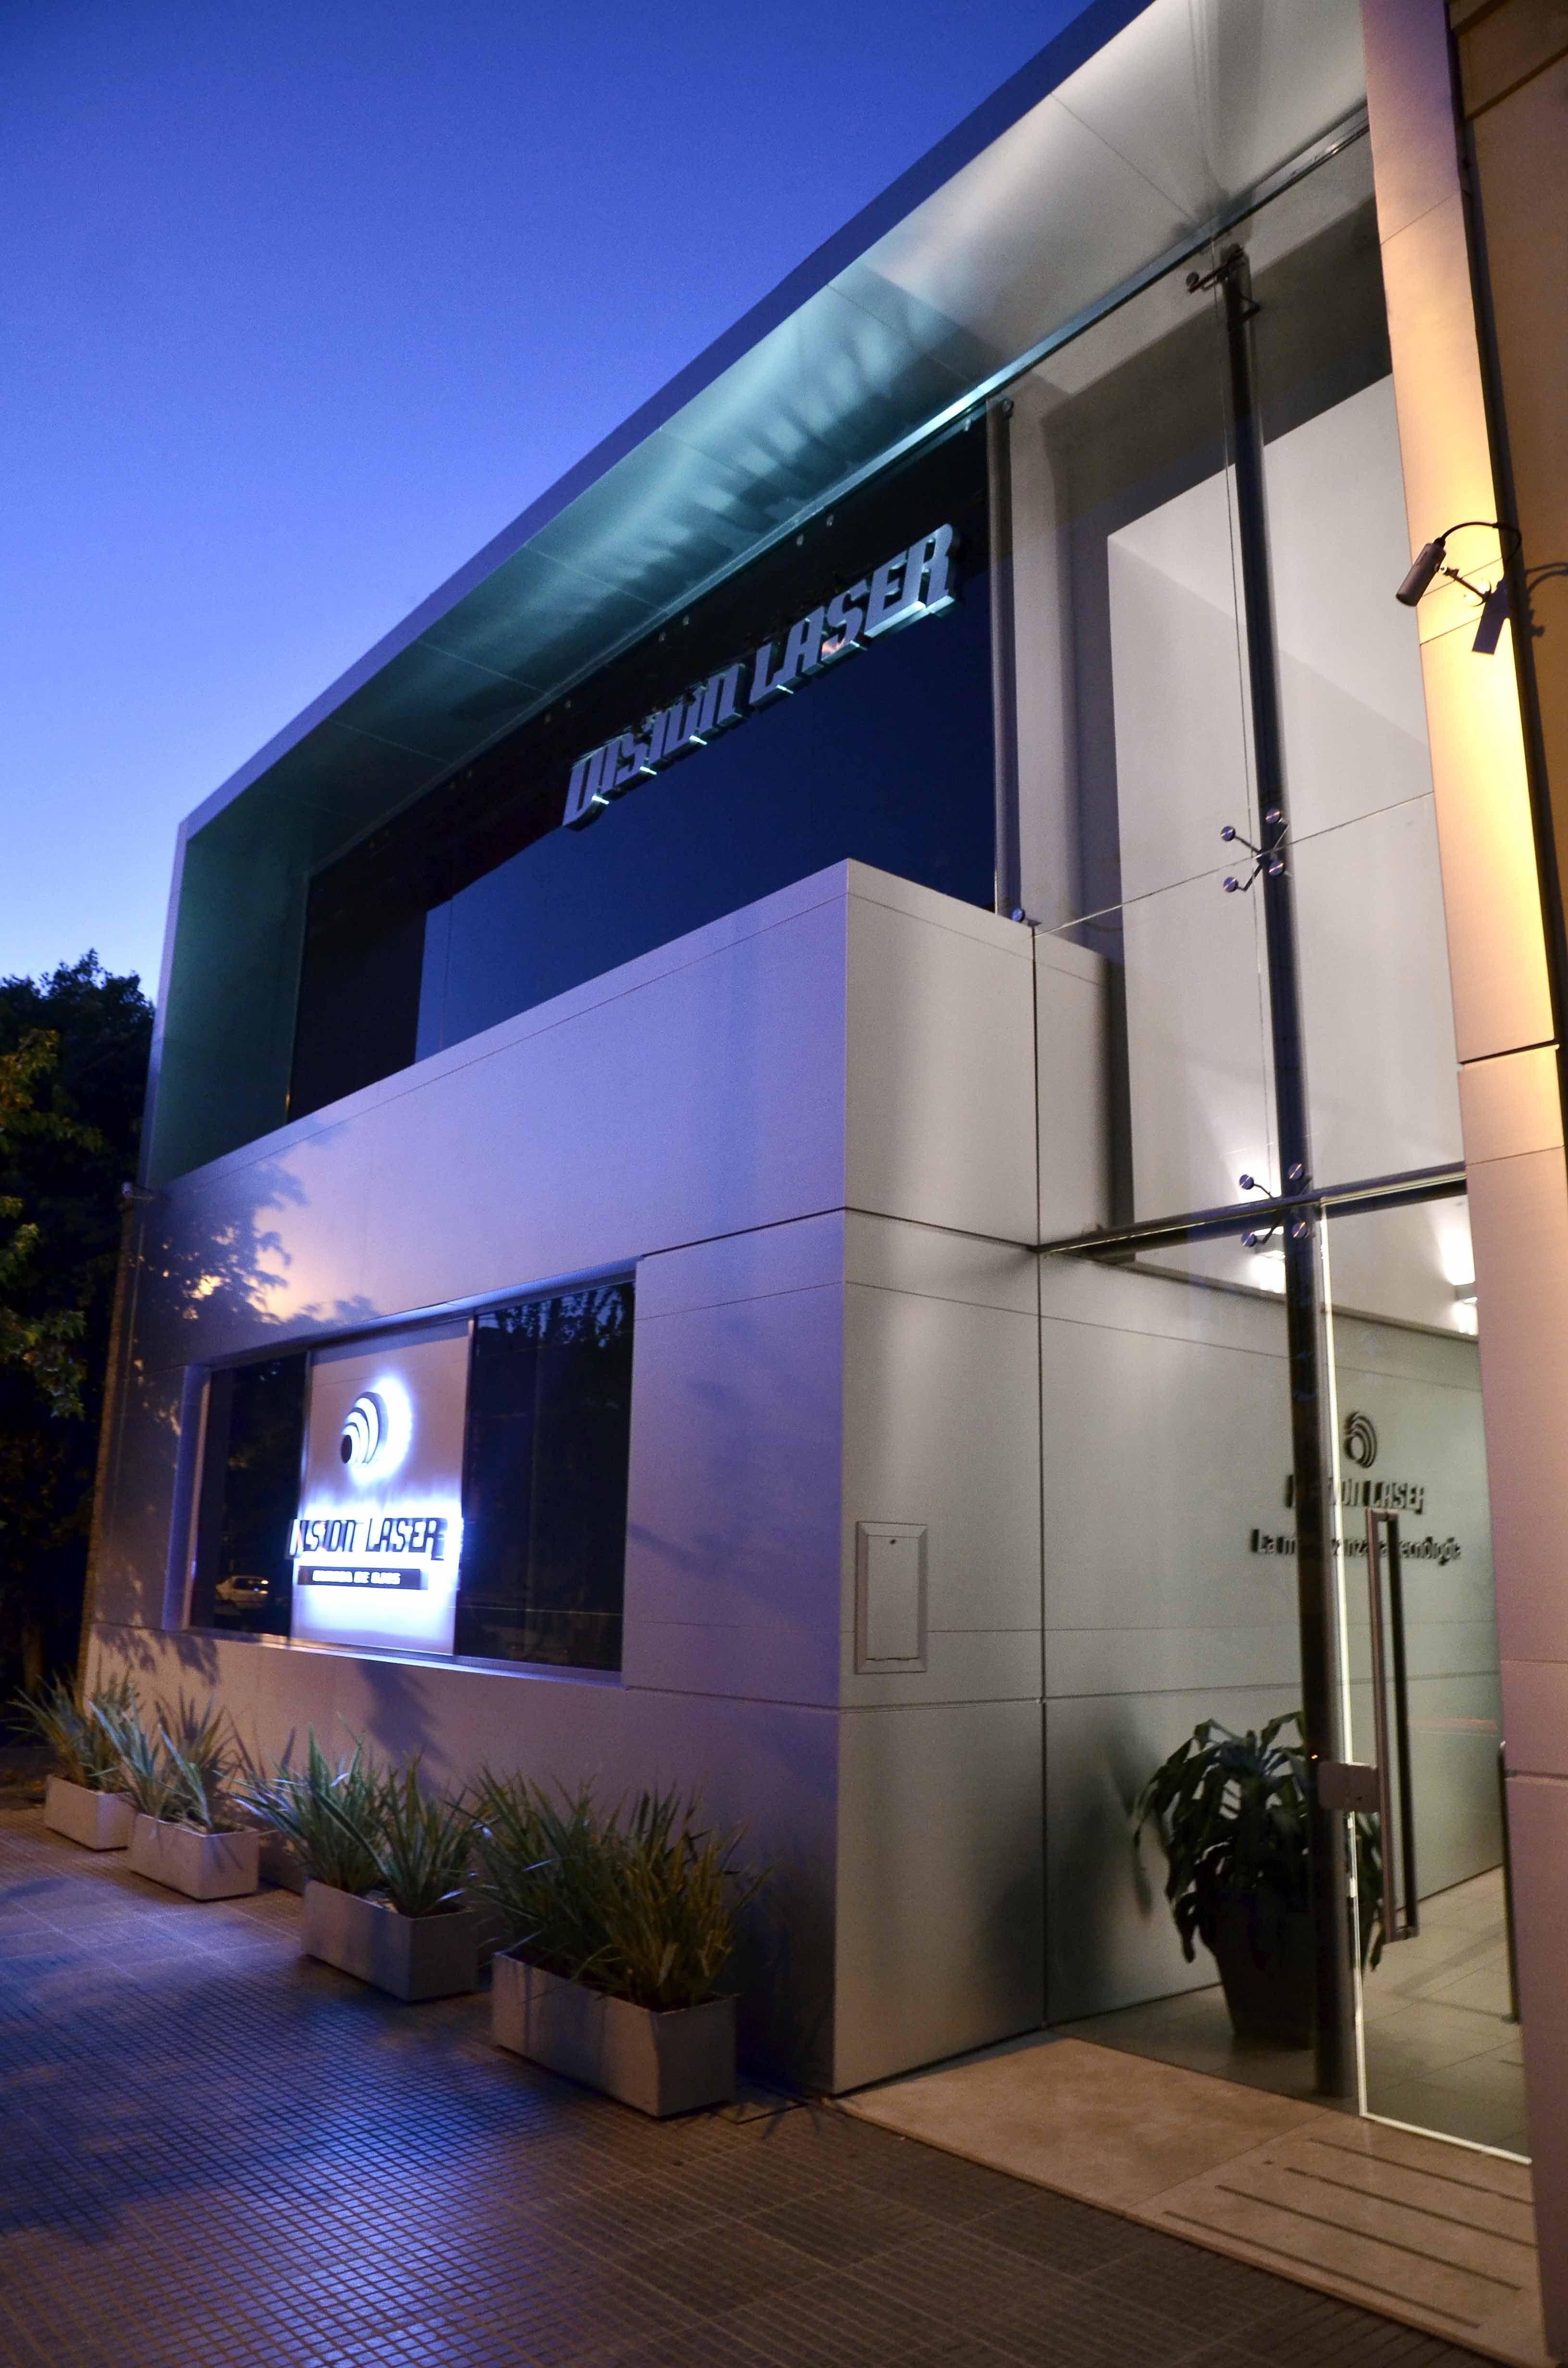 Fachada nocturna inspira 39 pinterest nocturnos fachadas y consultorio - Clinica dental moderna ...